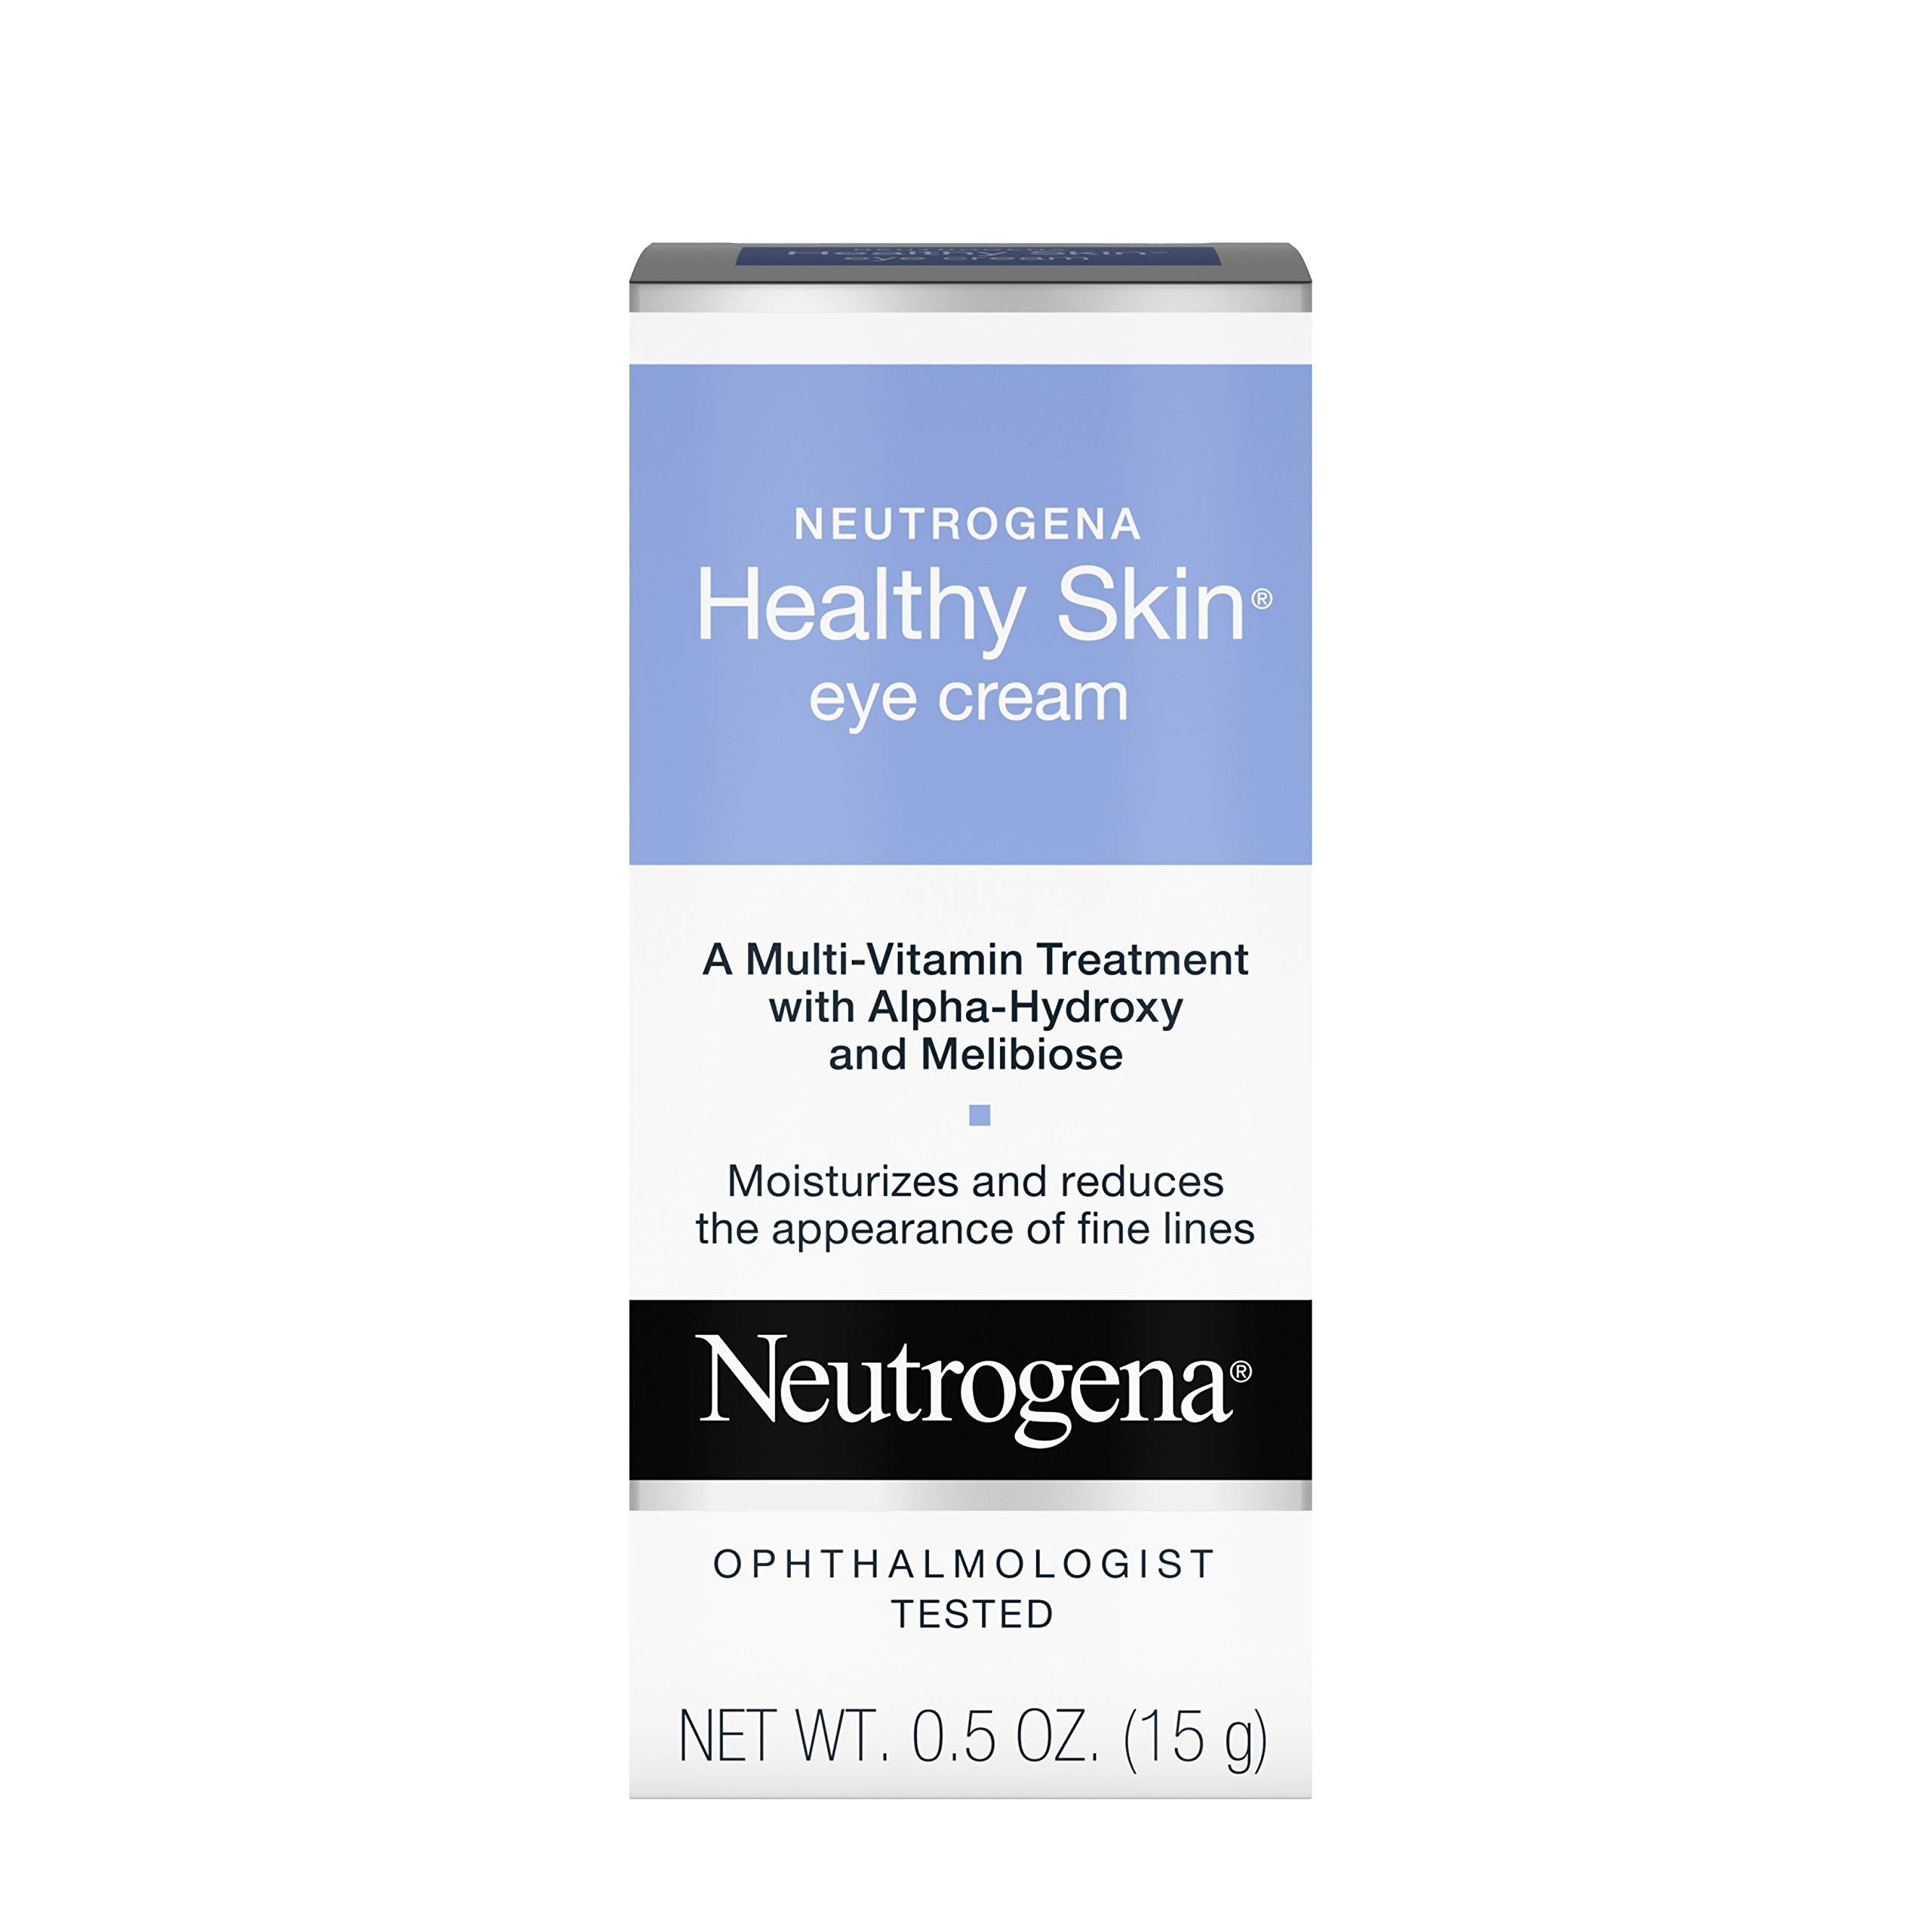 Neutrogena Healthy Skin Anti Wrinkle Eye Cream With Alpha Hydroxy